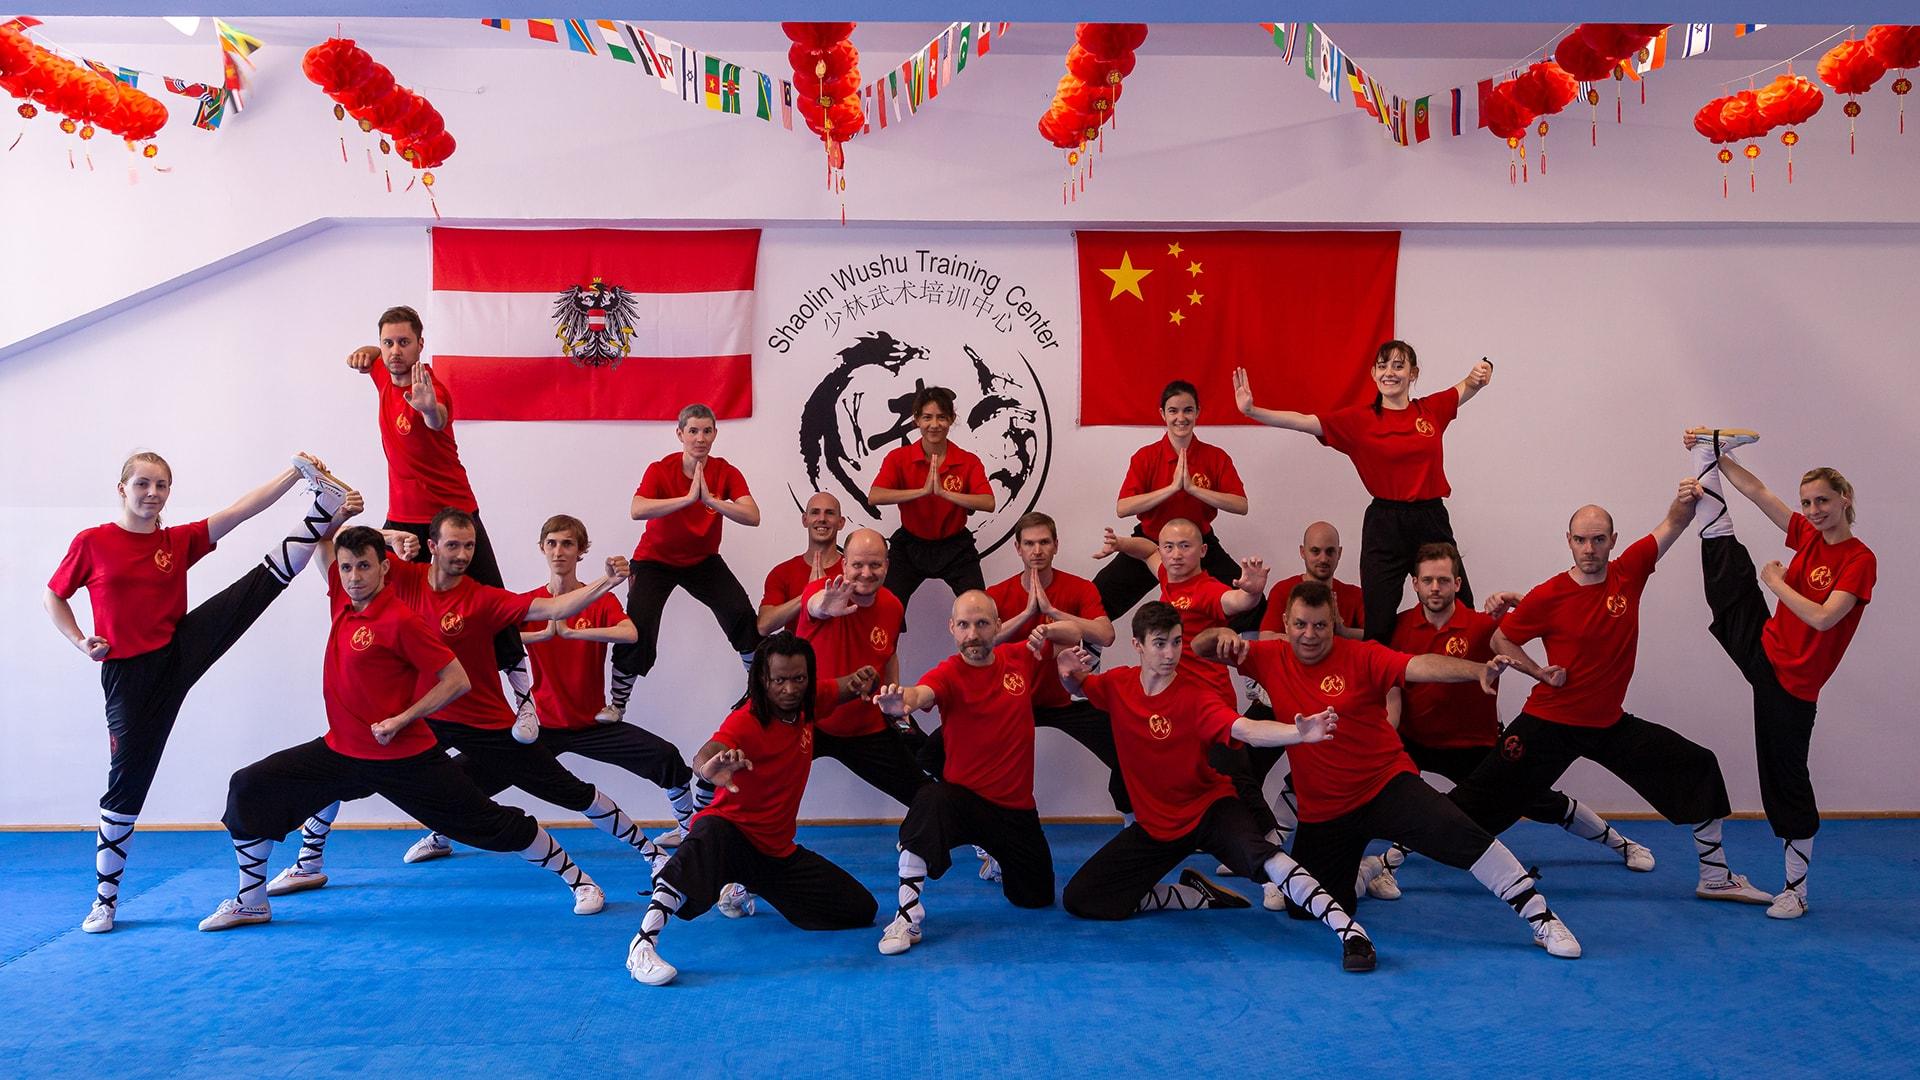 Shaolin-Wushu-Training-Center-Kung-Fu-in-Wien-13